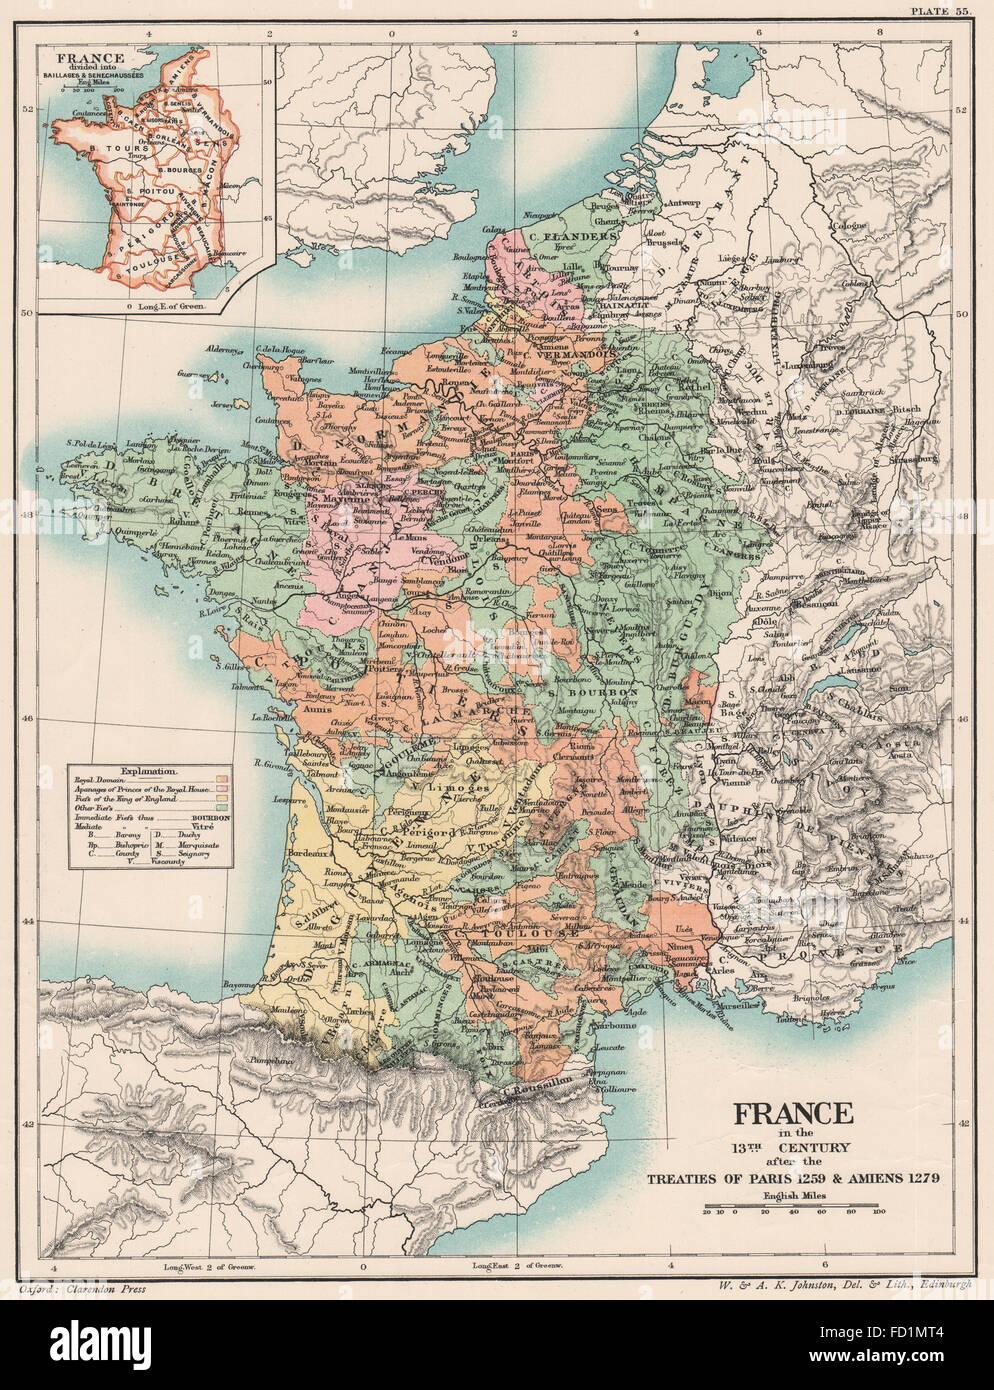 13C FRANCE:Treaties of Paris 1259 Amiens 1279.Baillages & Senechaussées  1902 map